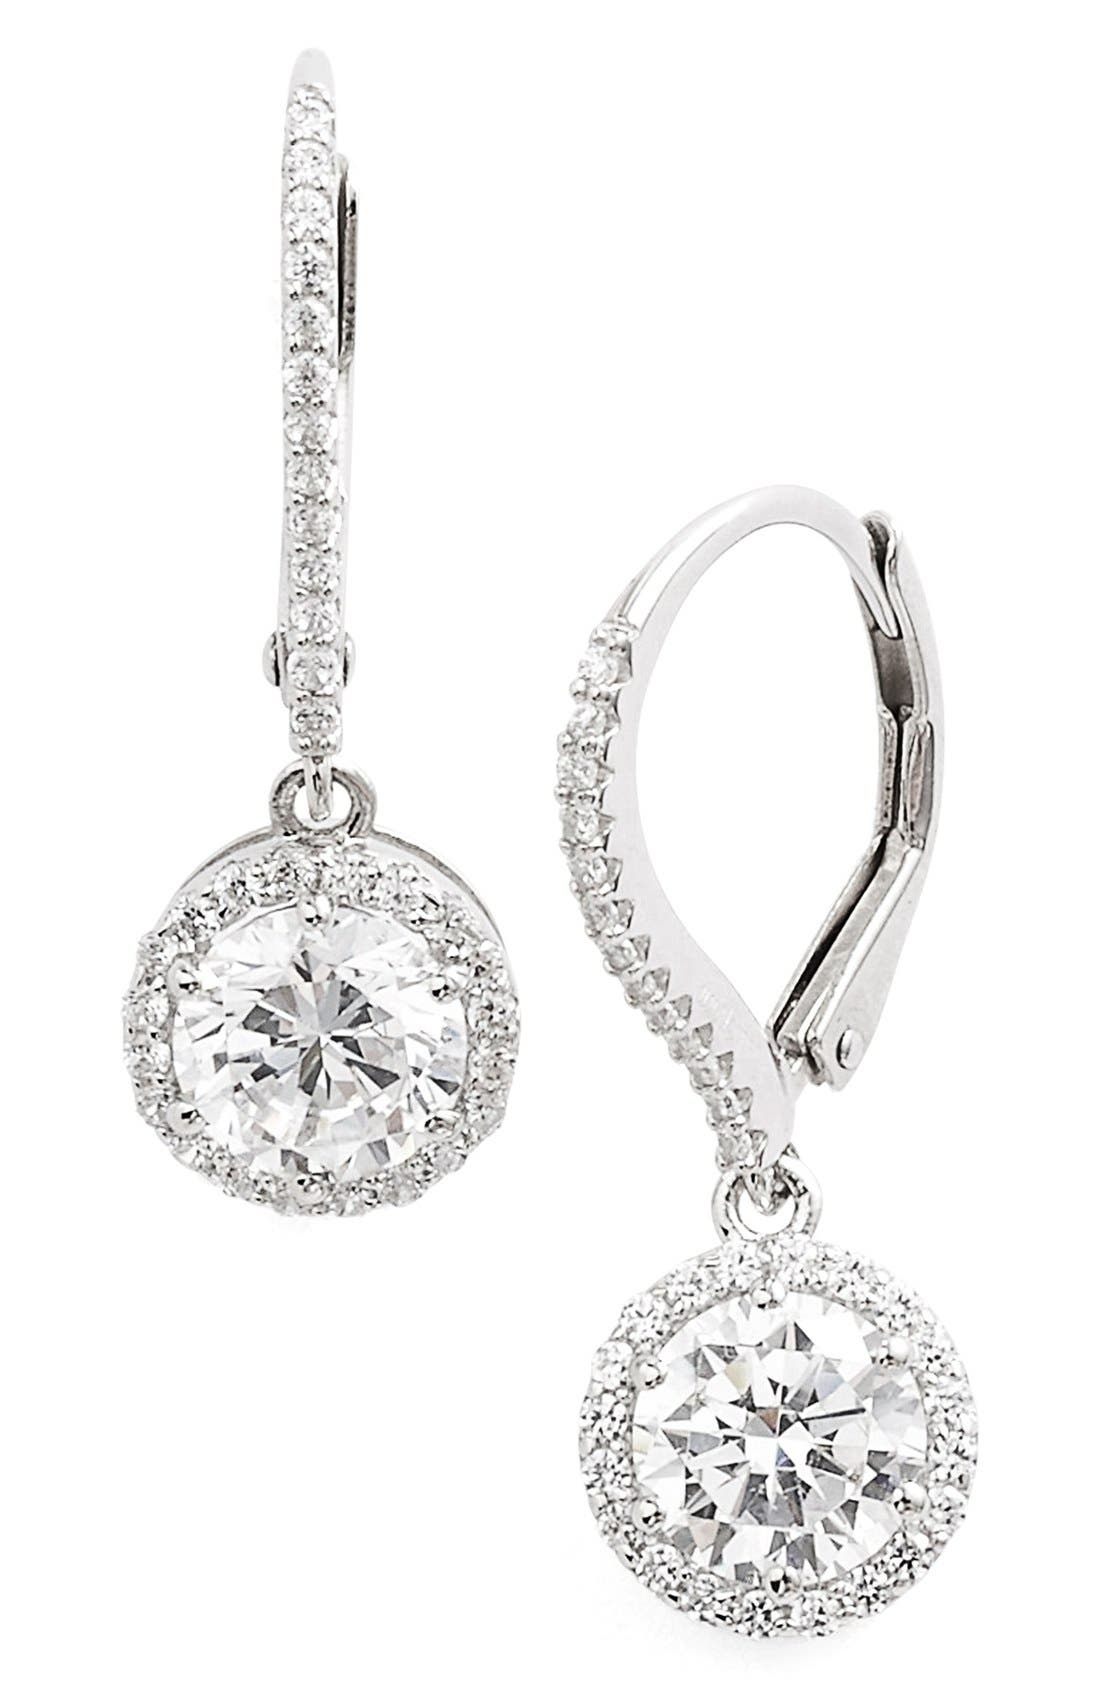 Lafonn'Lassaire' Drop Earrings